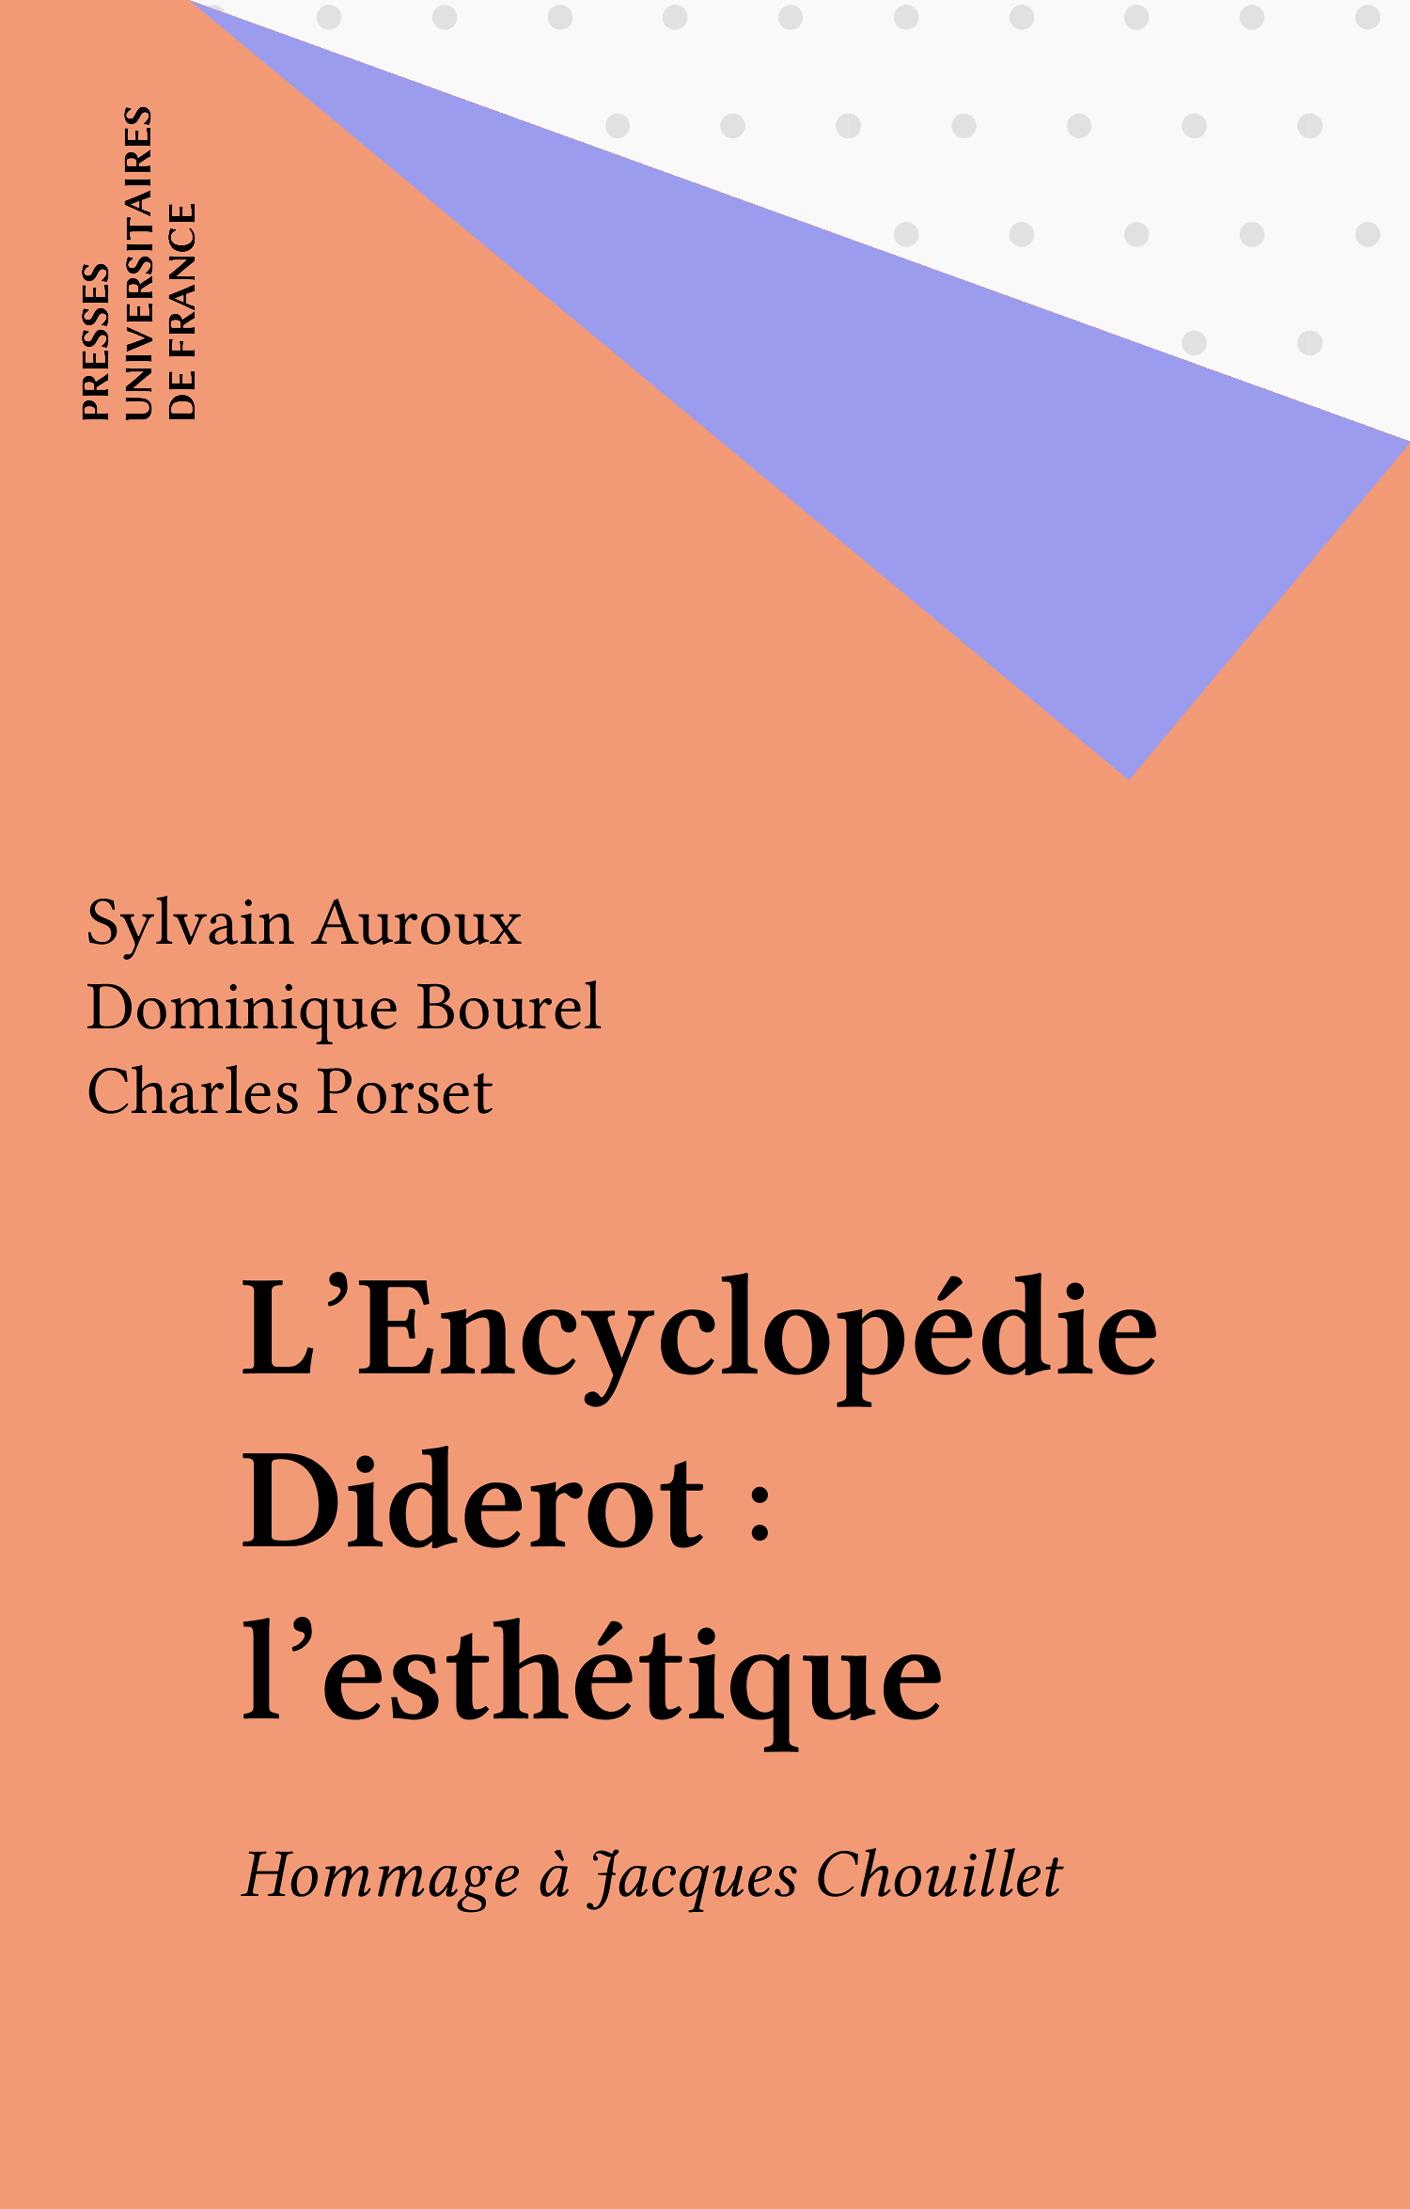 L'Encyclopédie Diderot : l'esthétique